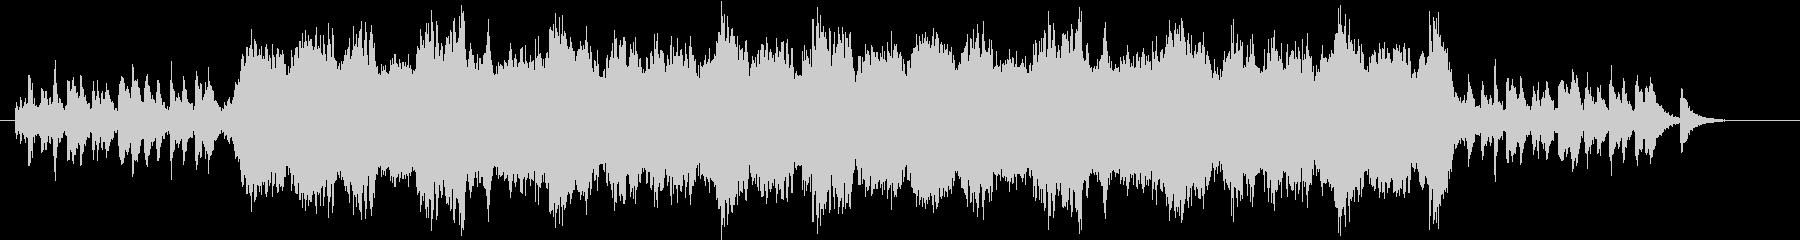 弦楽四重奏による間奏曲の未再生の波形